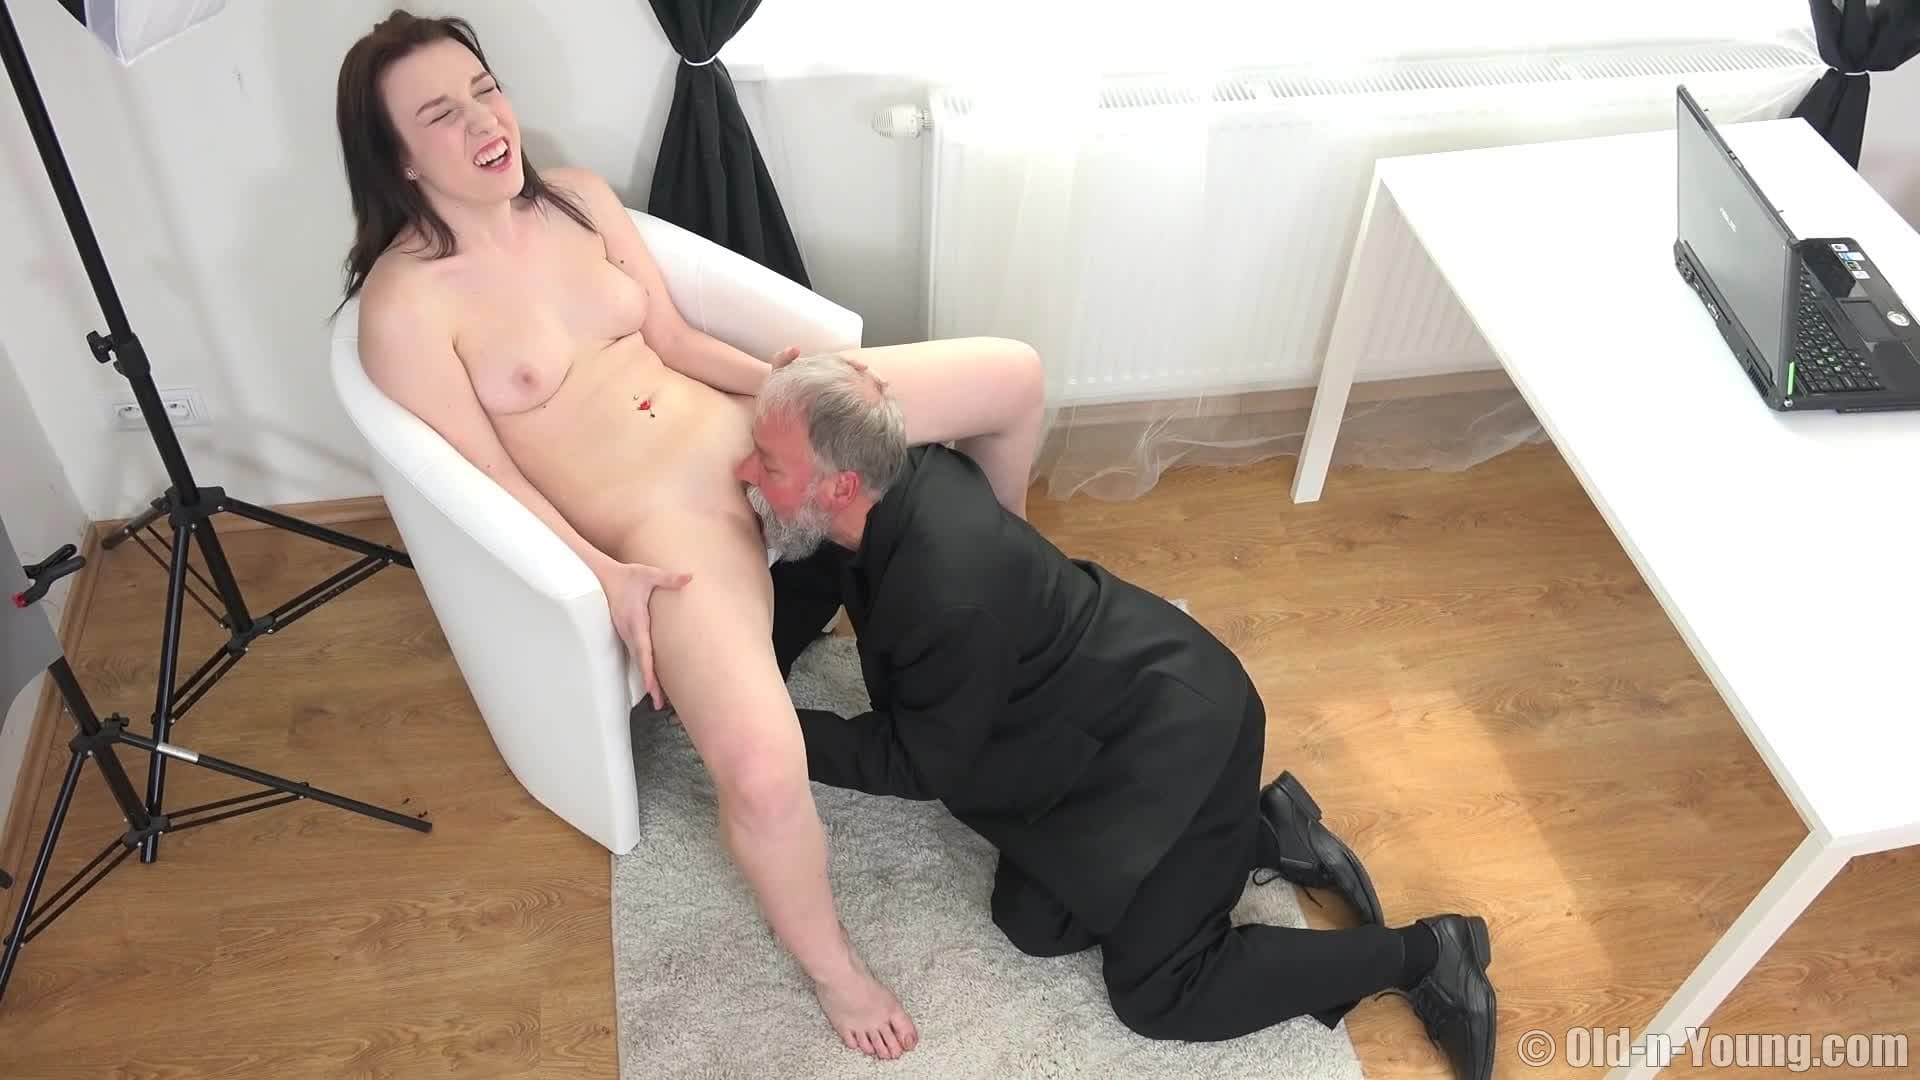 tukif vieux site de sexe gratuit